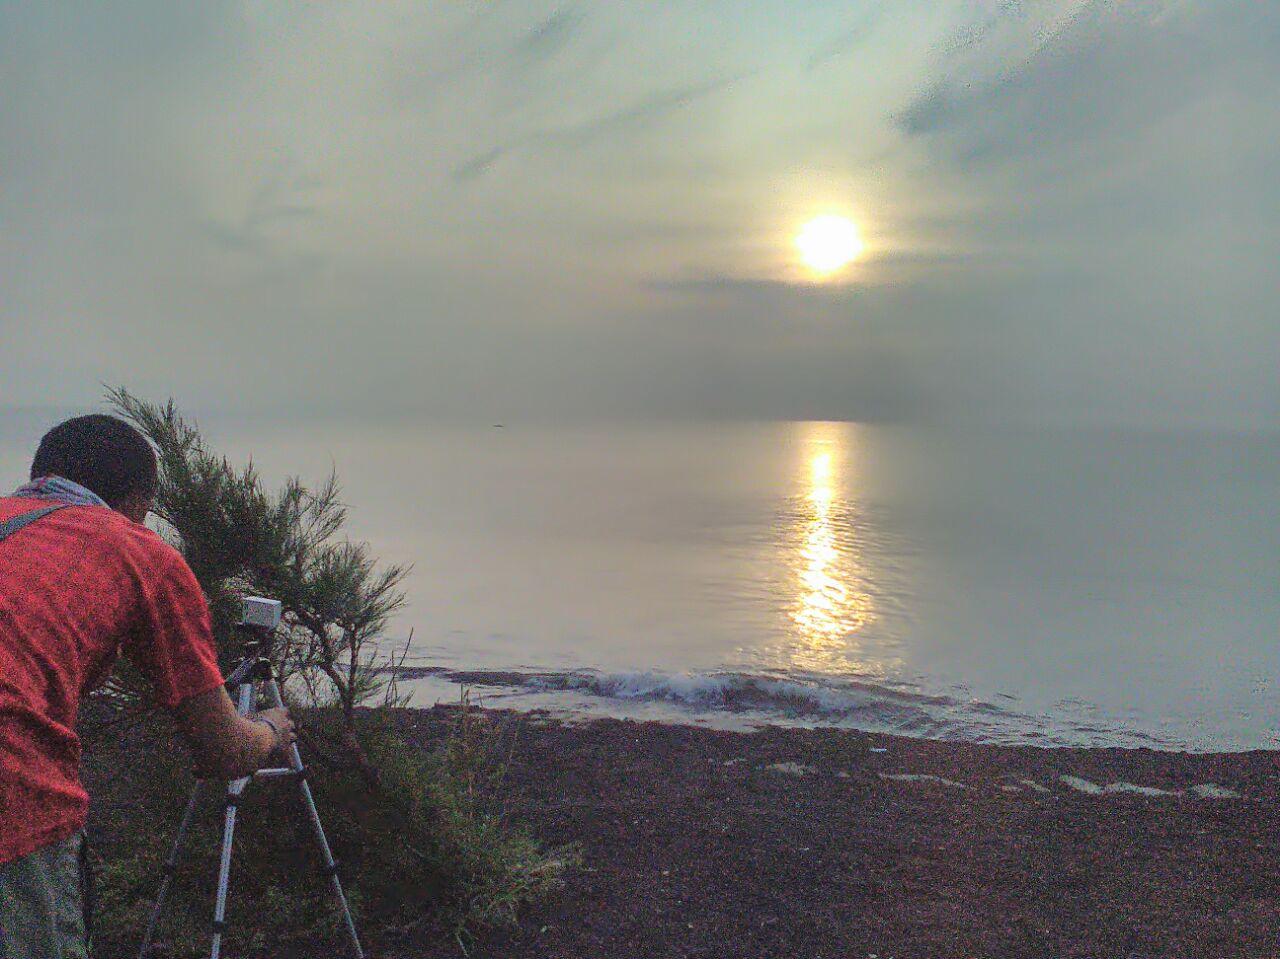 Pantai Blimbingsari Sunrise Tertunda Esok Hari Nanti Banyuwangi Kab